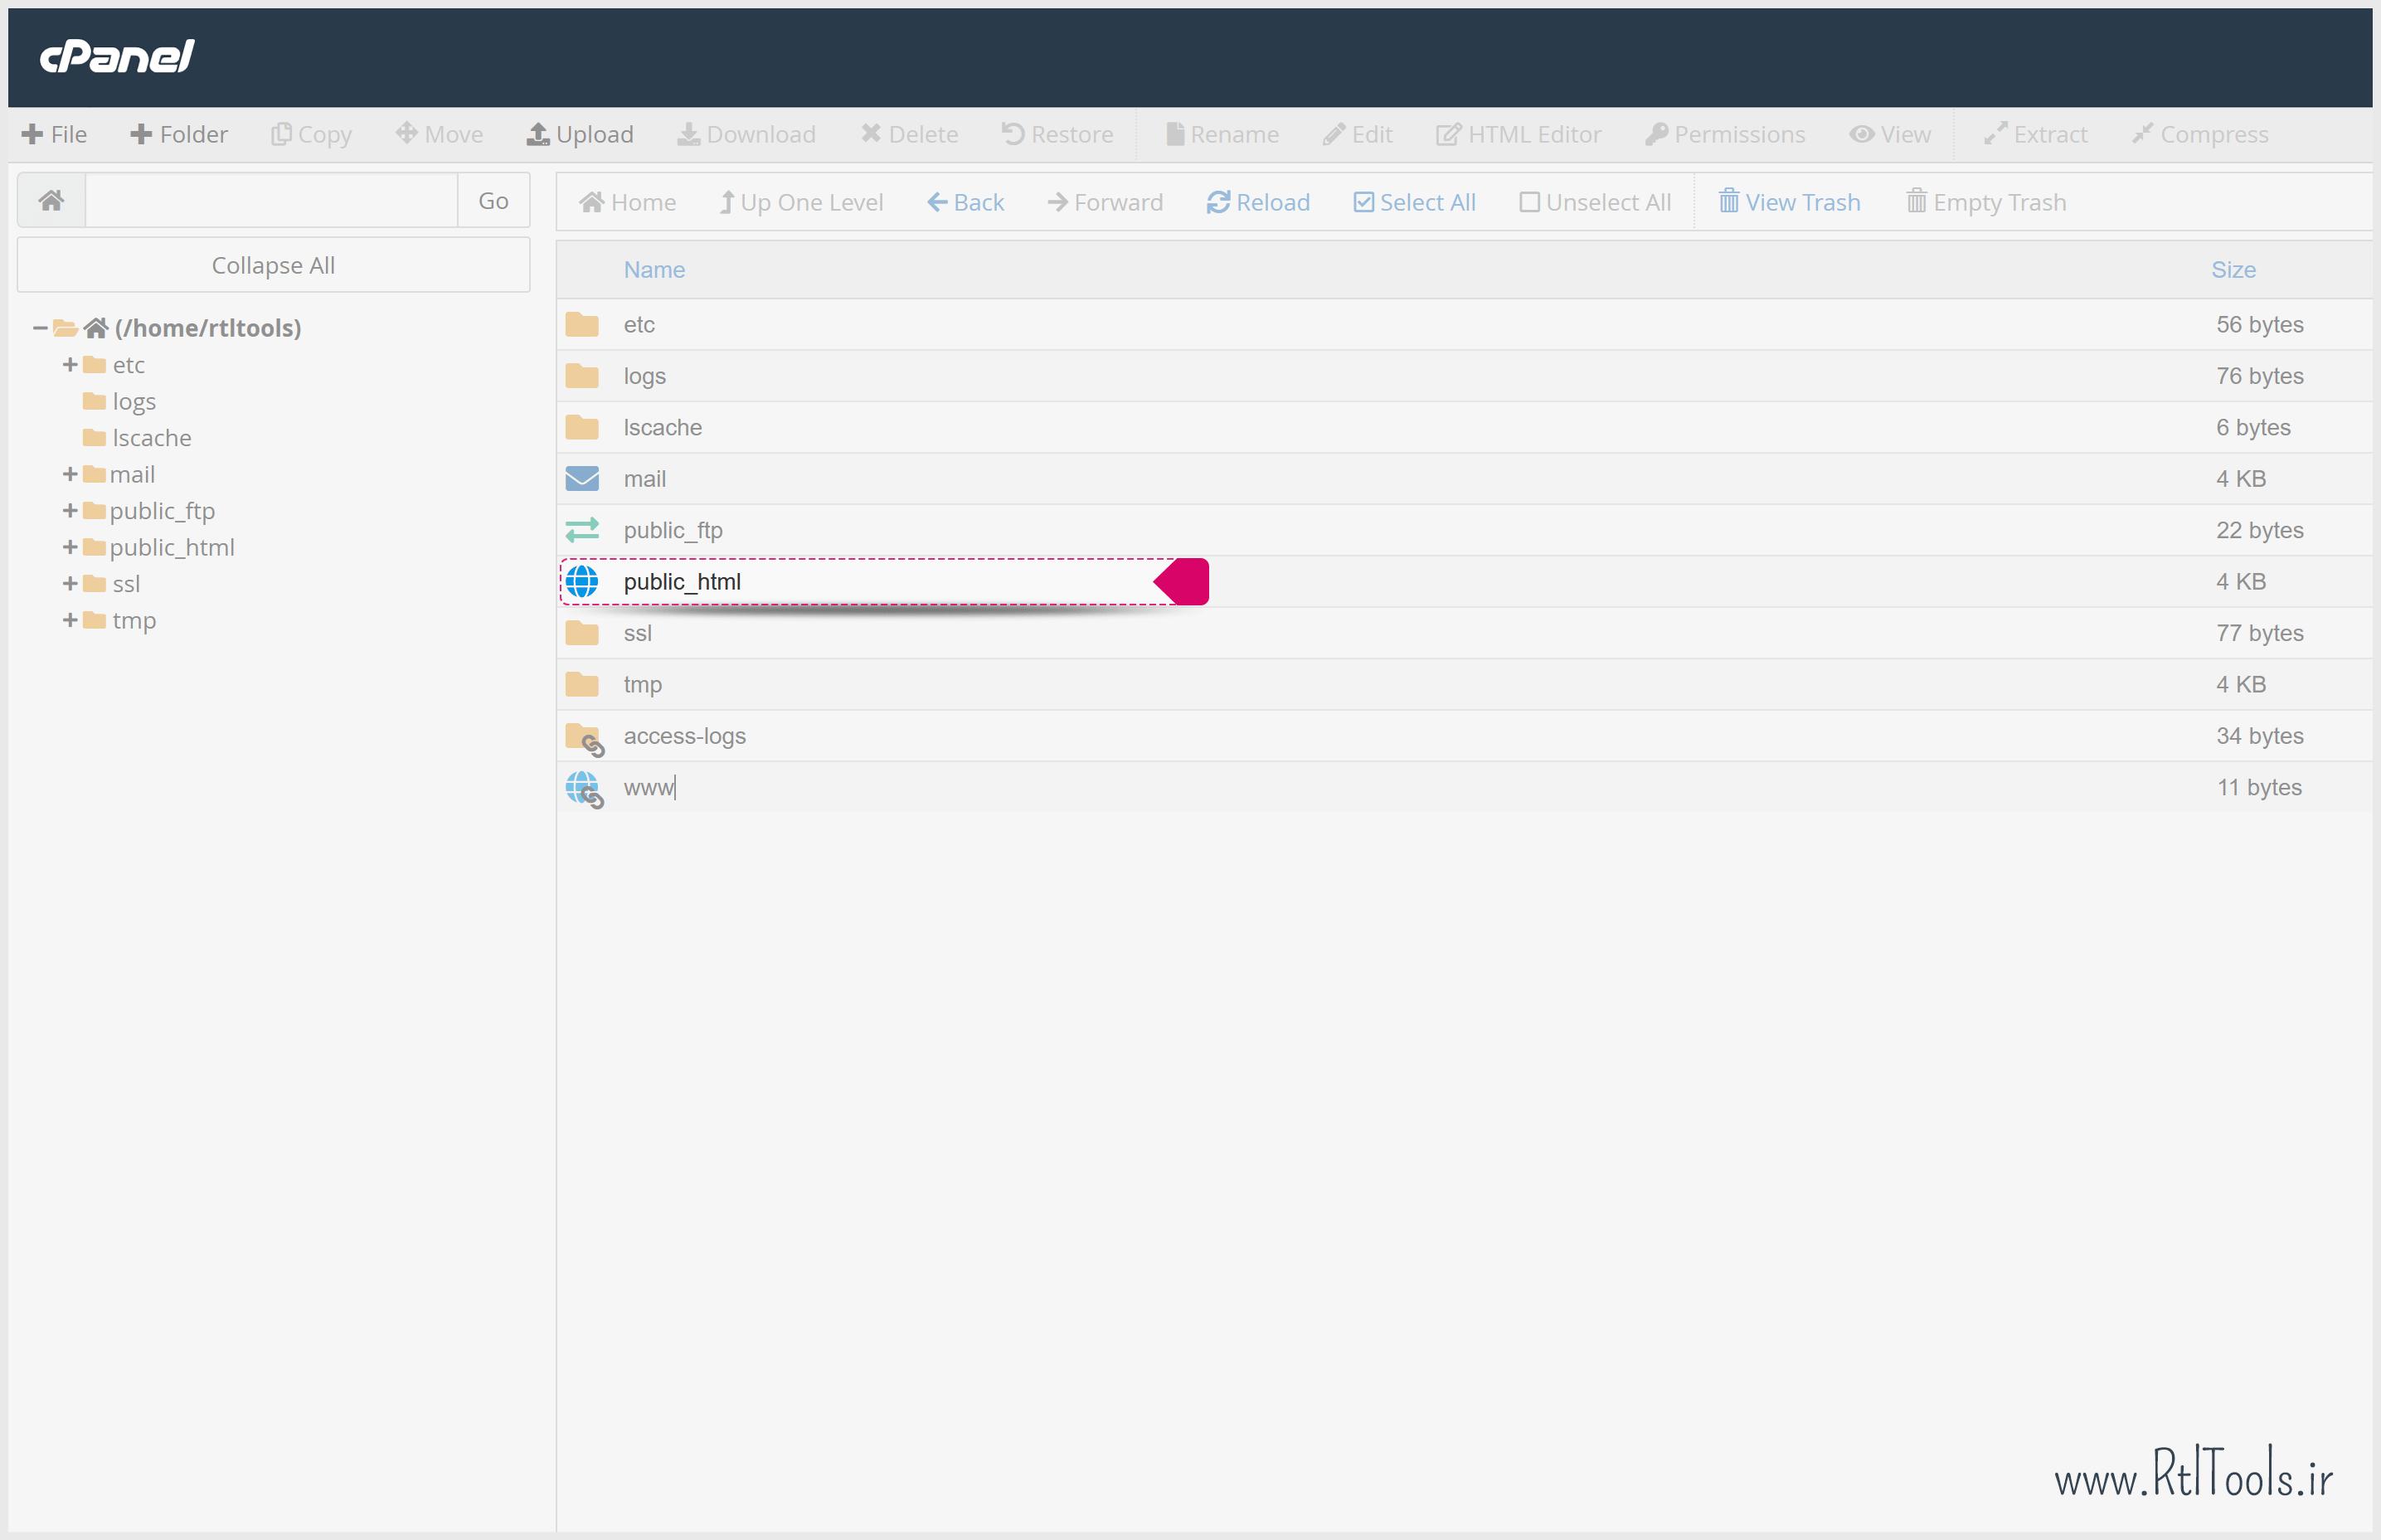 public_html cPanel | پوشه public_html در هاست | آموزش تصویری راه اندازی بسته نصبی وردپرس